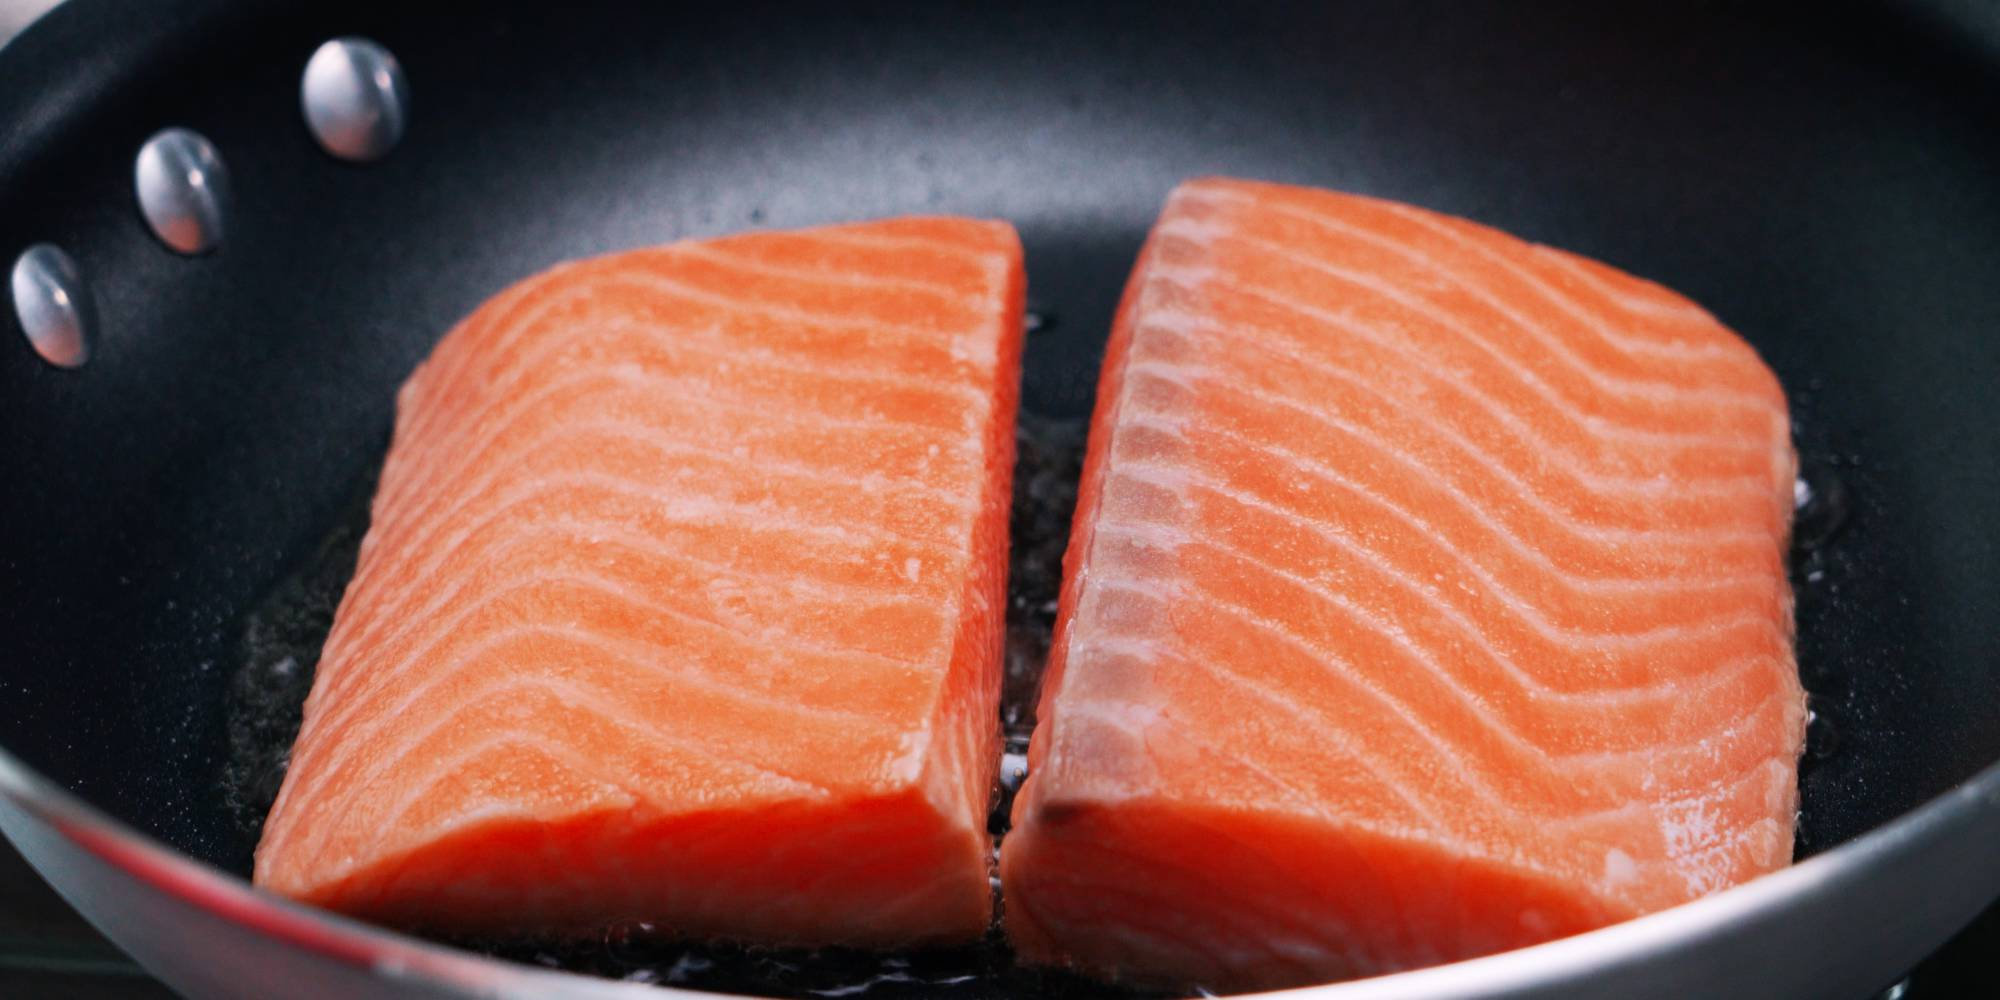 Salmon filets frying in a pan.